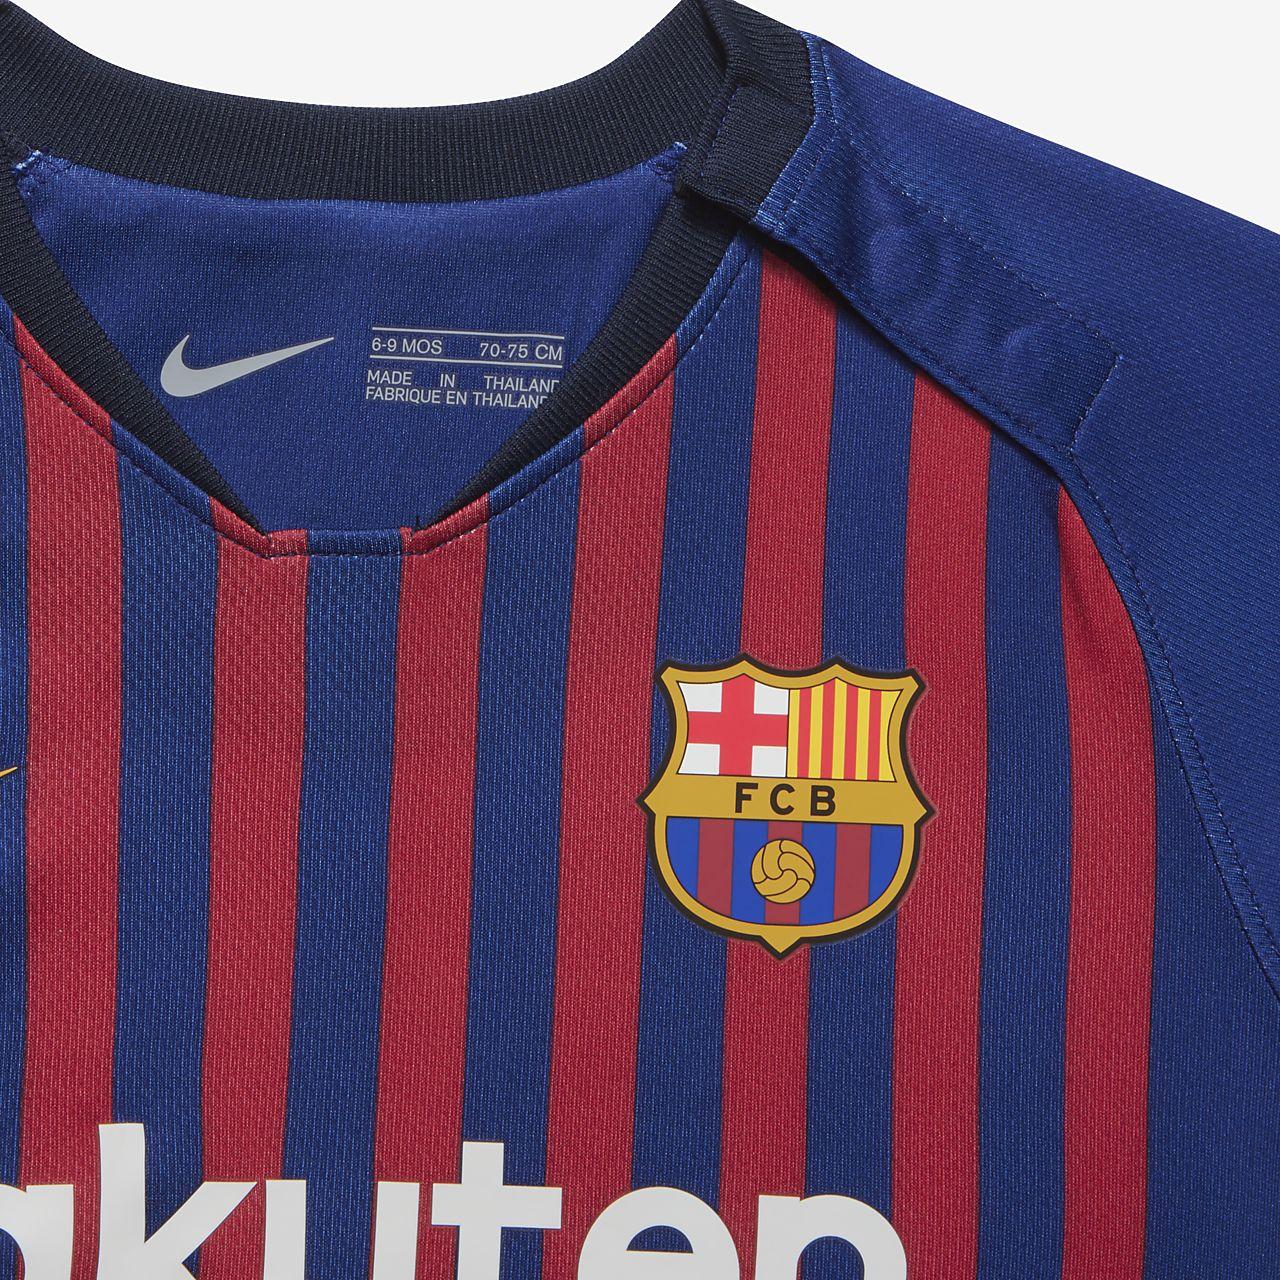 Uniforme de fútbol para bebé 2018 19 FC Barcelona Stadium Home. Nike ... bd4d21f530c20